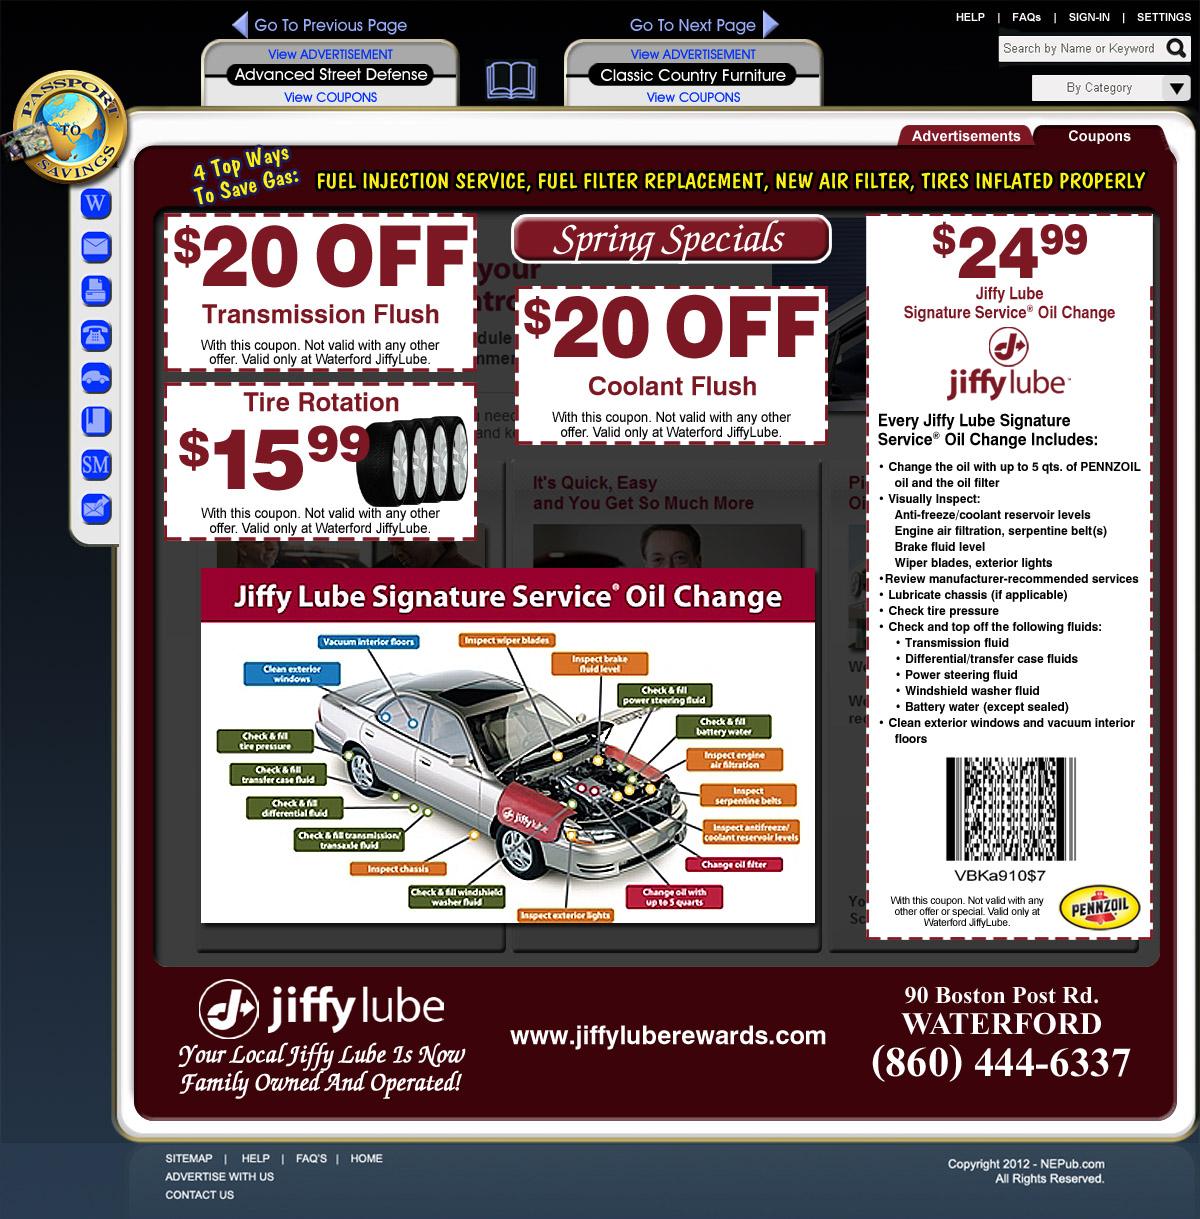 JiffyLube coupons.